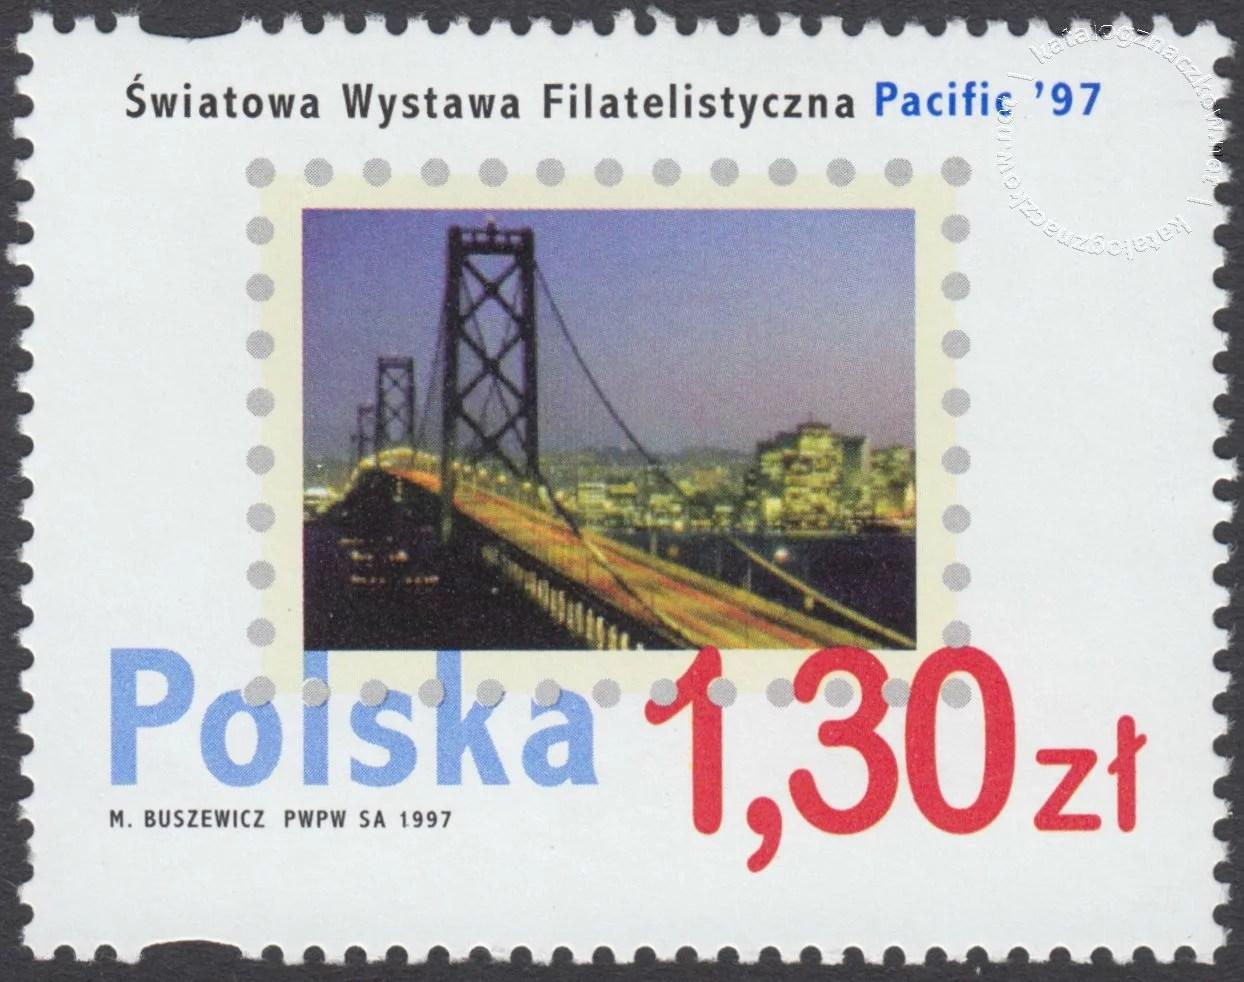 Światowa Wystawa Filatelistyczna Pacific 97 znaczek nr 3502